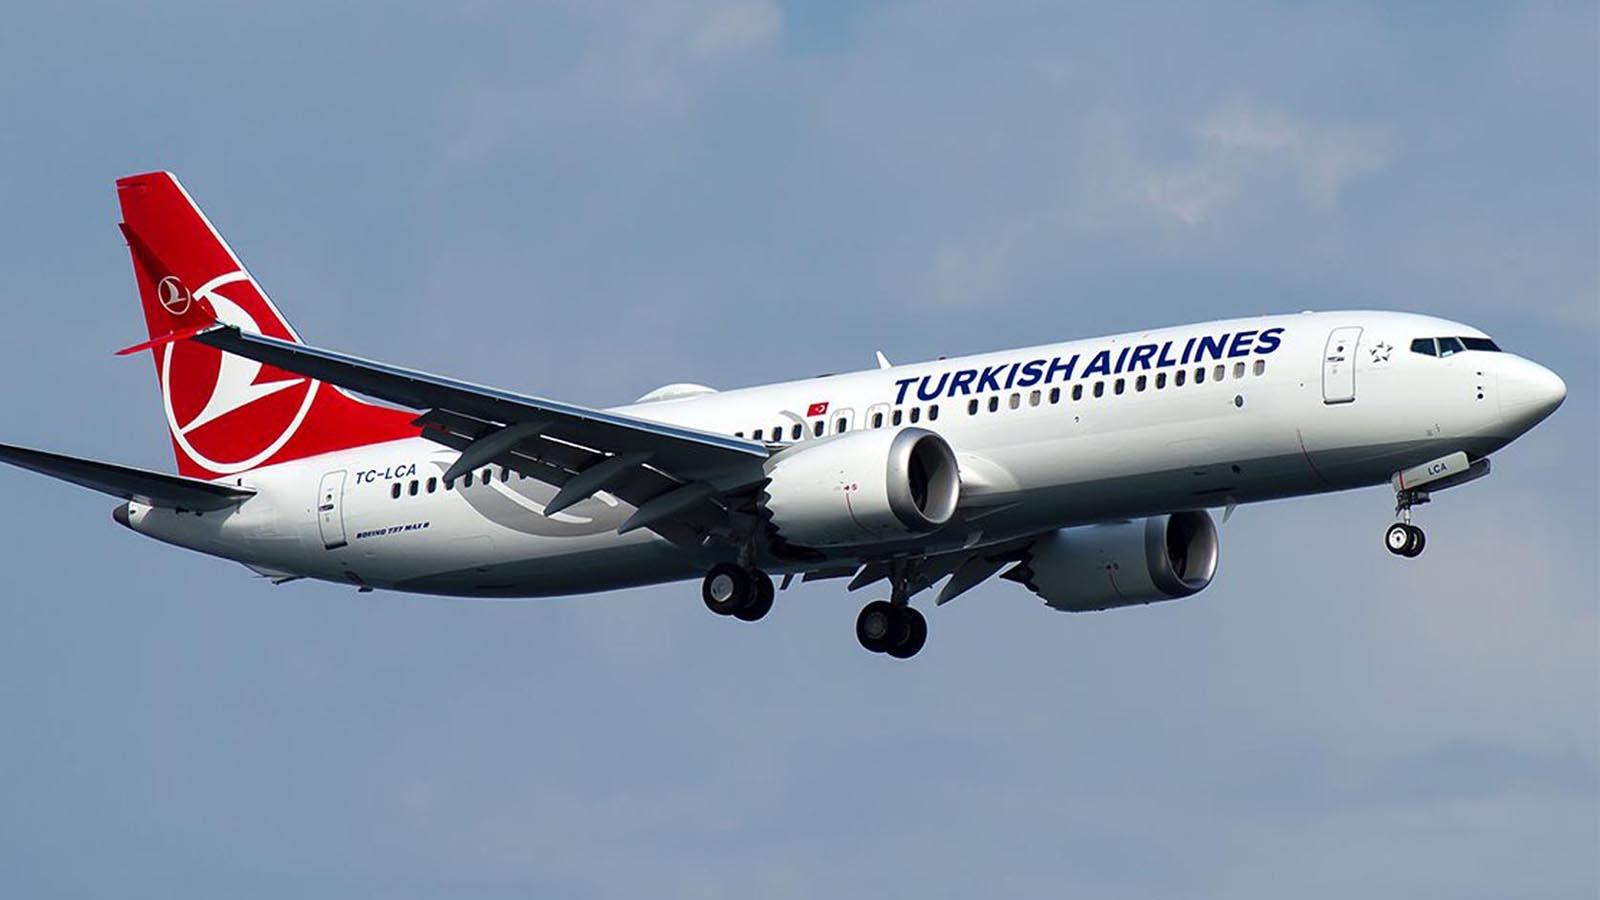 KKTC'ye uçuşlar 10 Haziran'da başlayacak